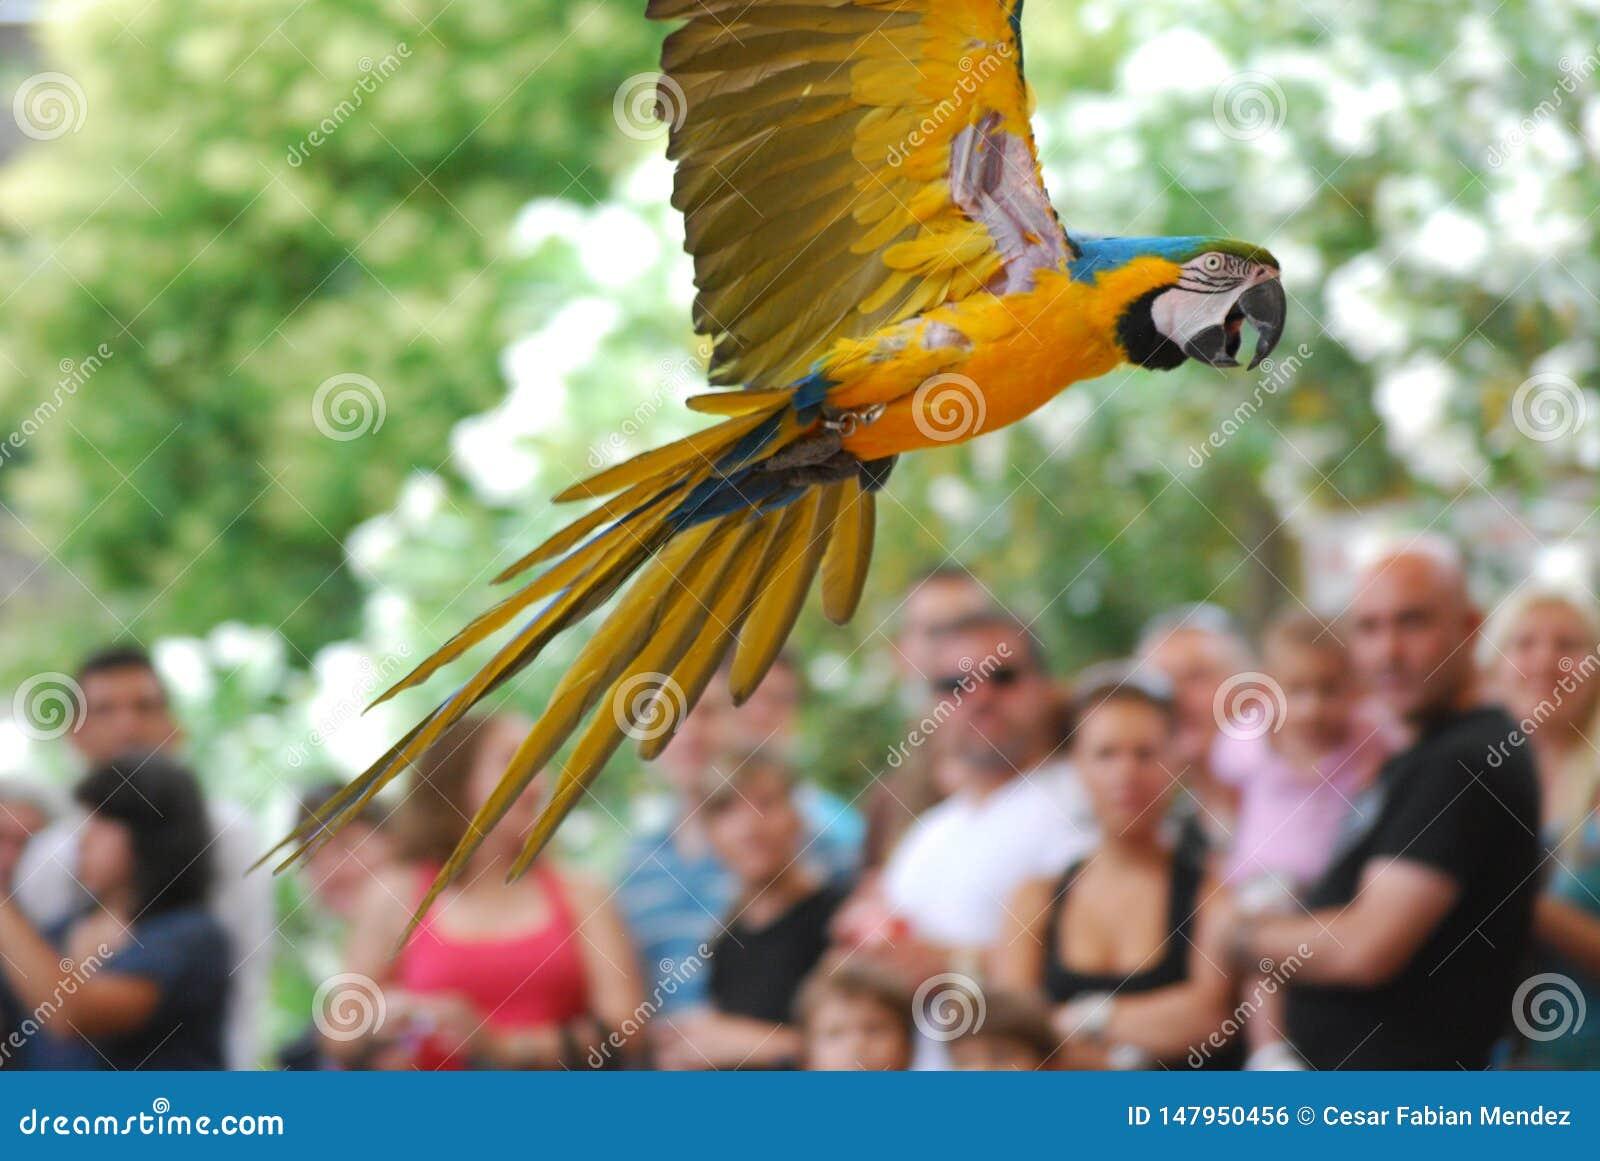 Perroquet en vol, oiseau exotique